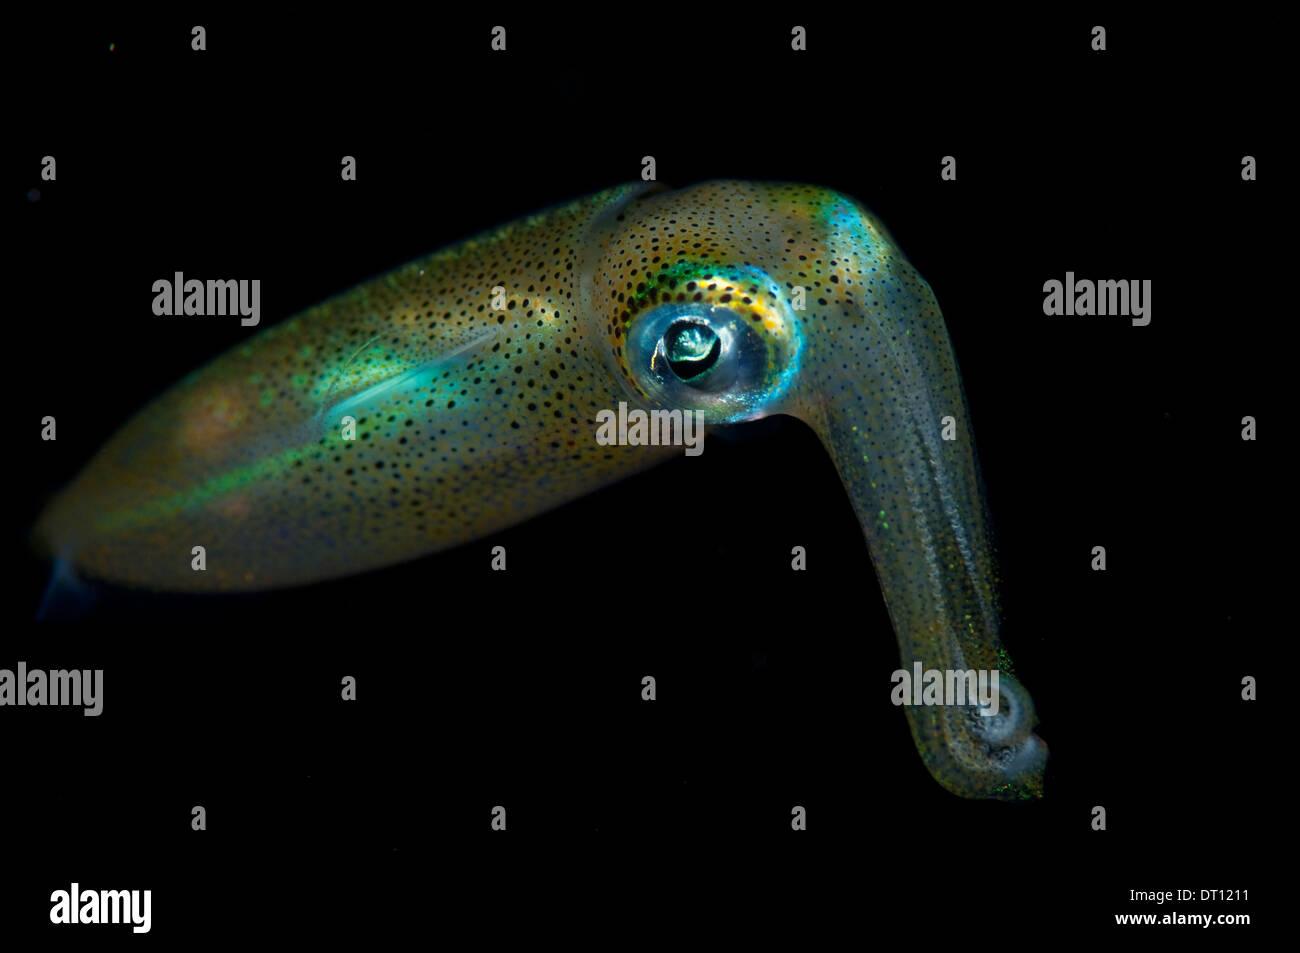 Juvenile Bigfin Reef Squid, Sepioteuthis lessoniana, indivdual portrait in black, Halmahera, Maluku Islands, Indonesia Stock Photo